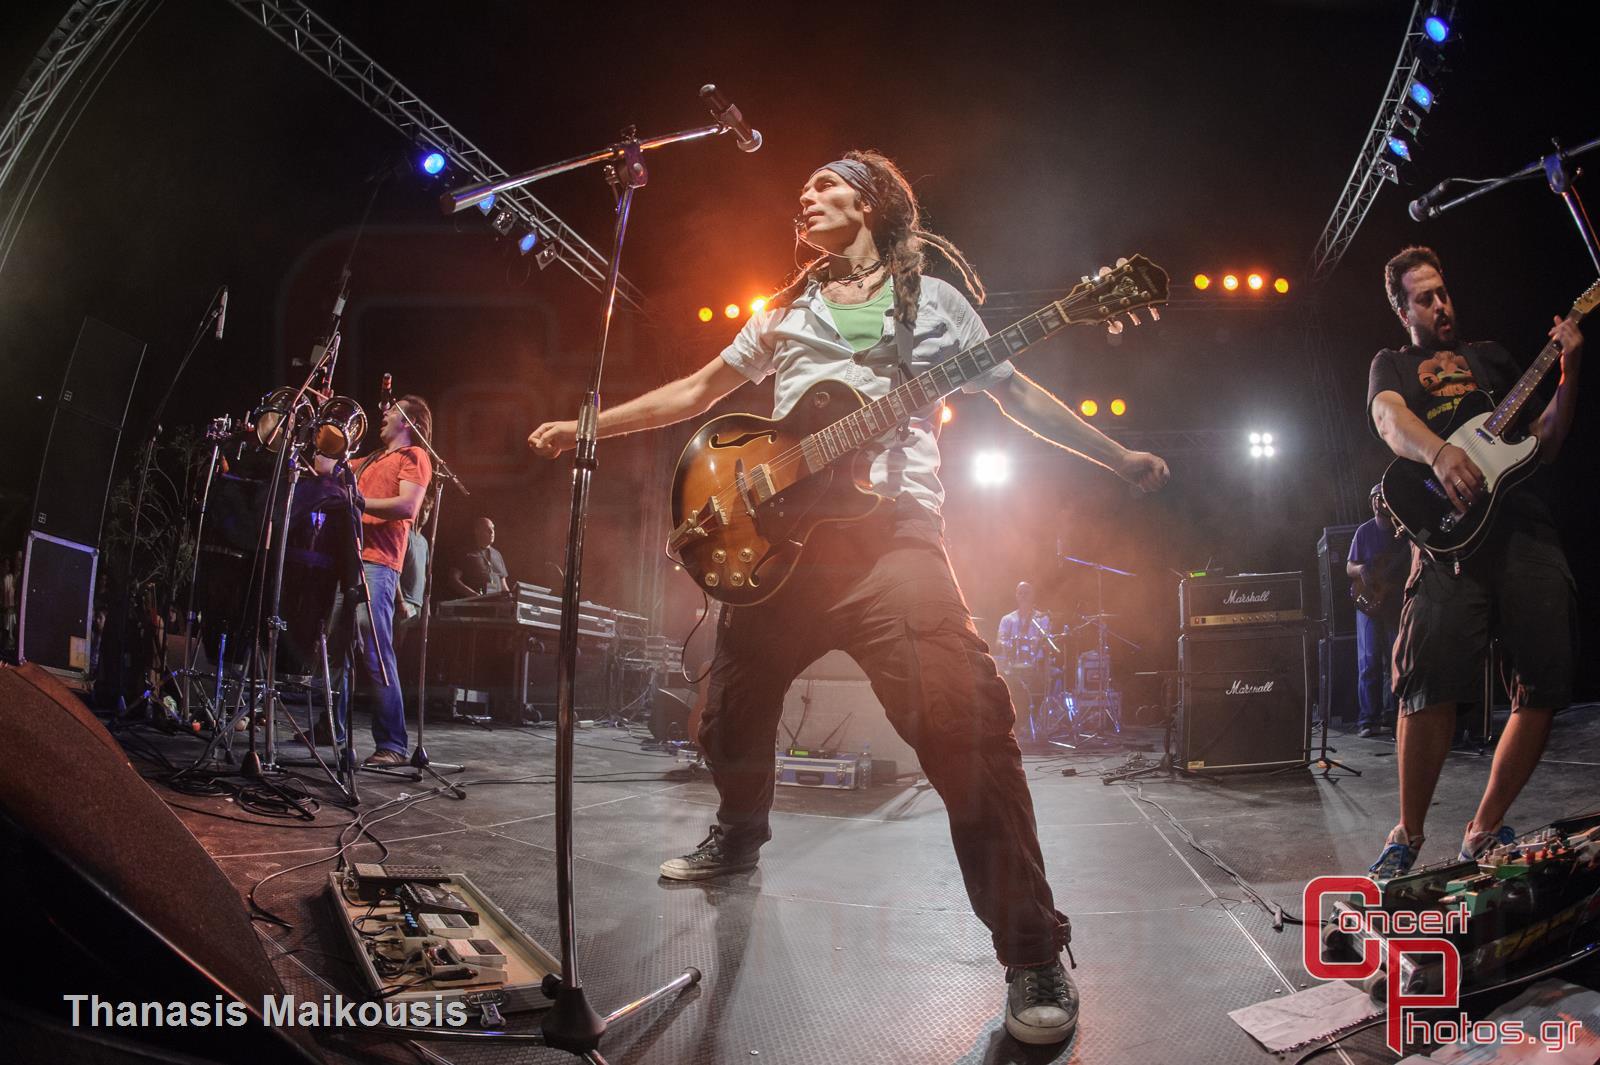 Locomondo-Locomondo 2013 Bolivar photographer: Thanasis Maikousis - concertphotos_-6492